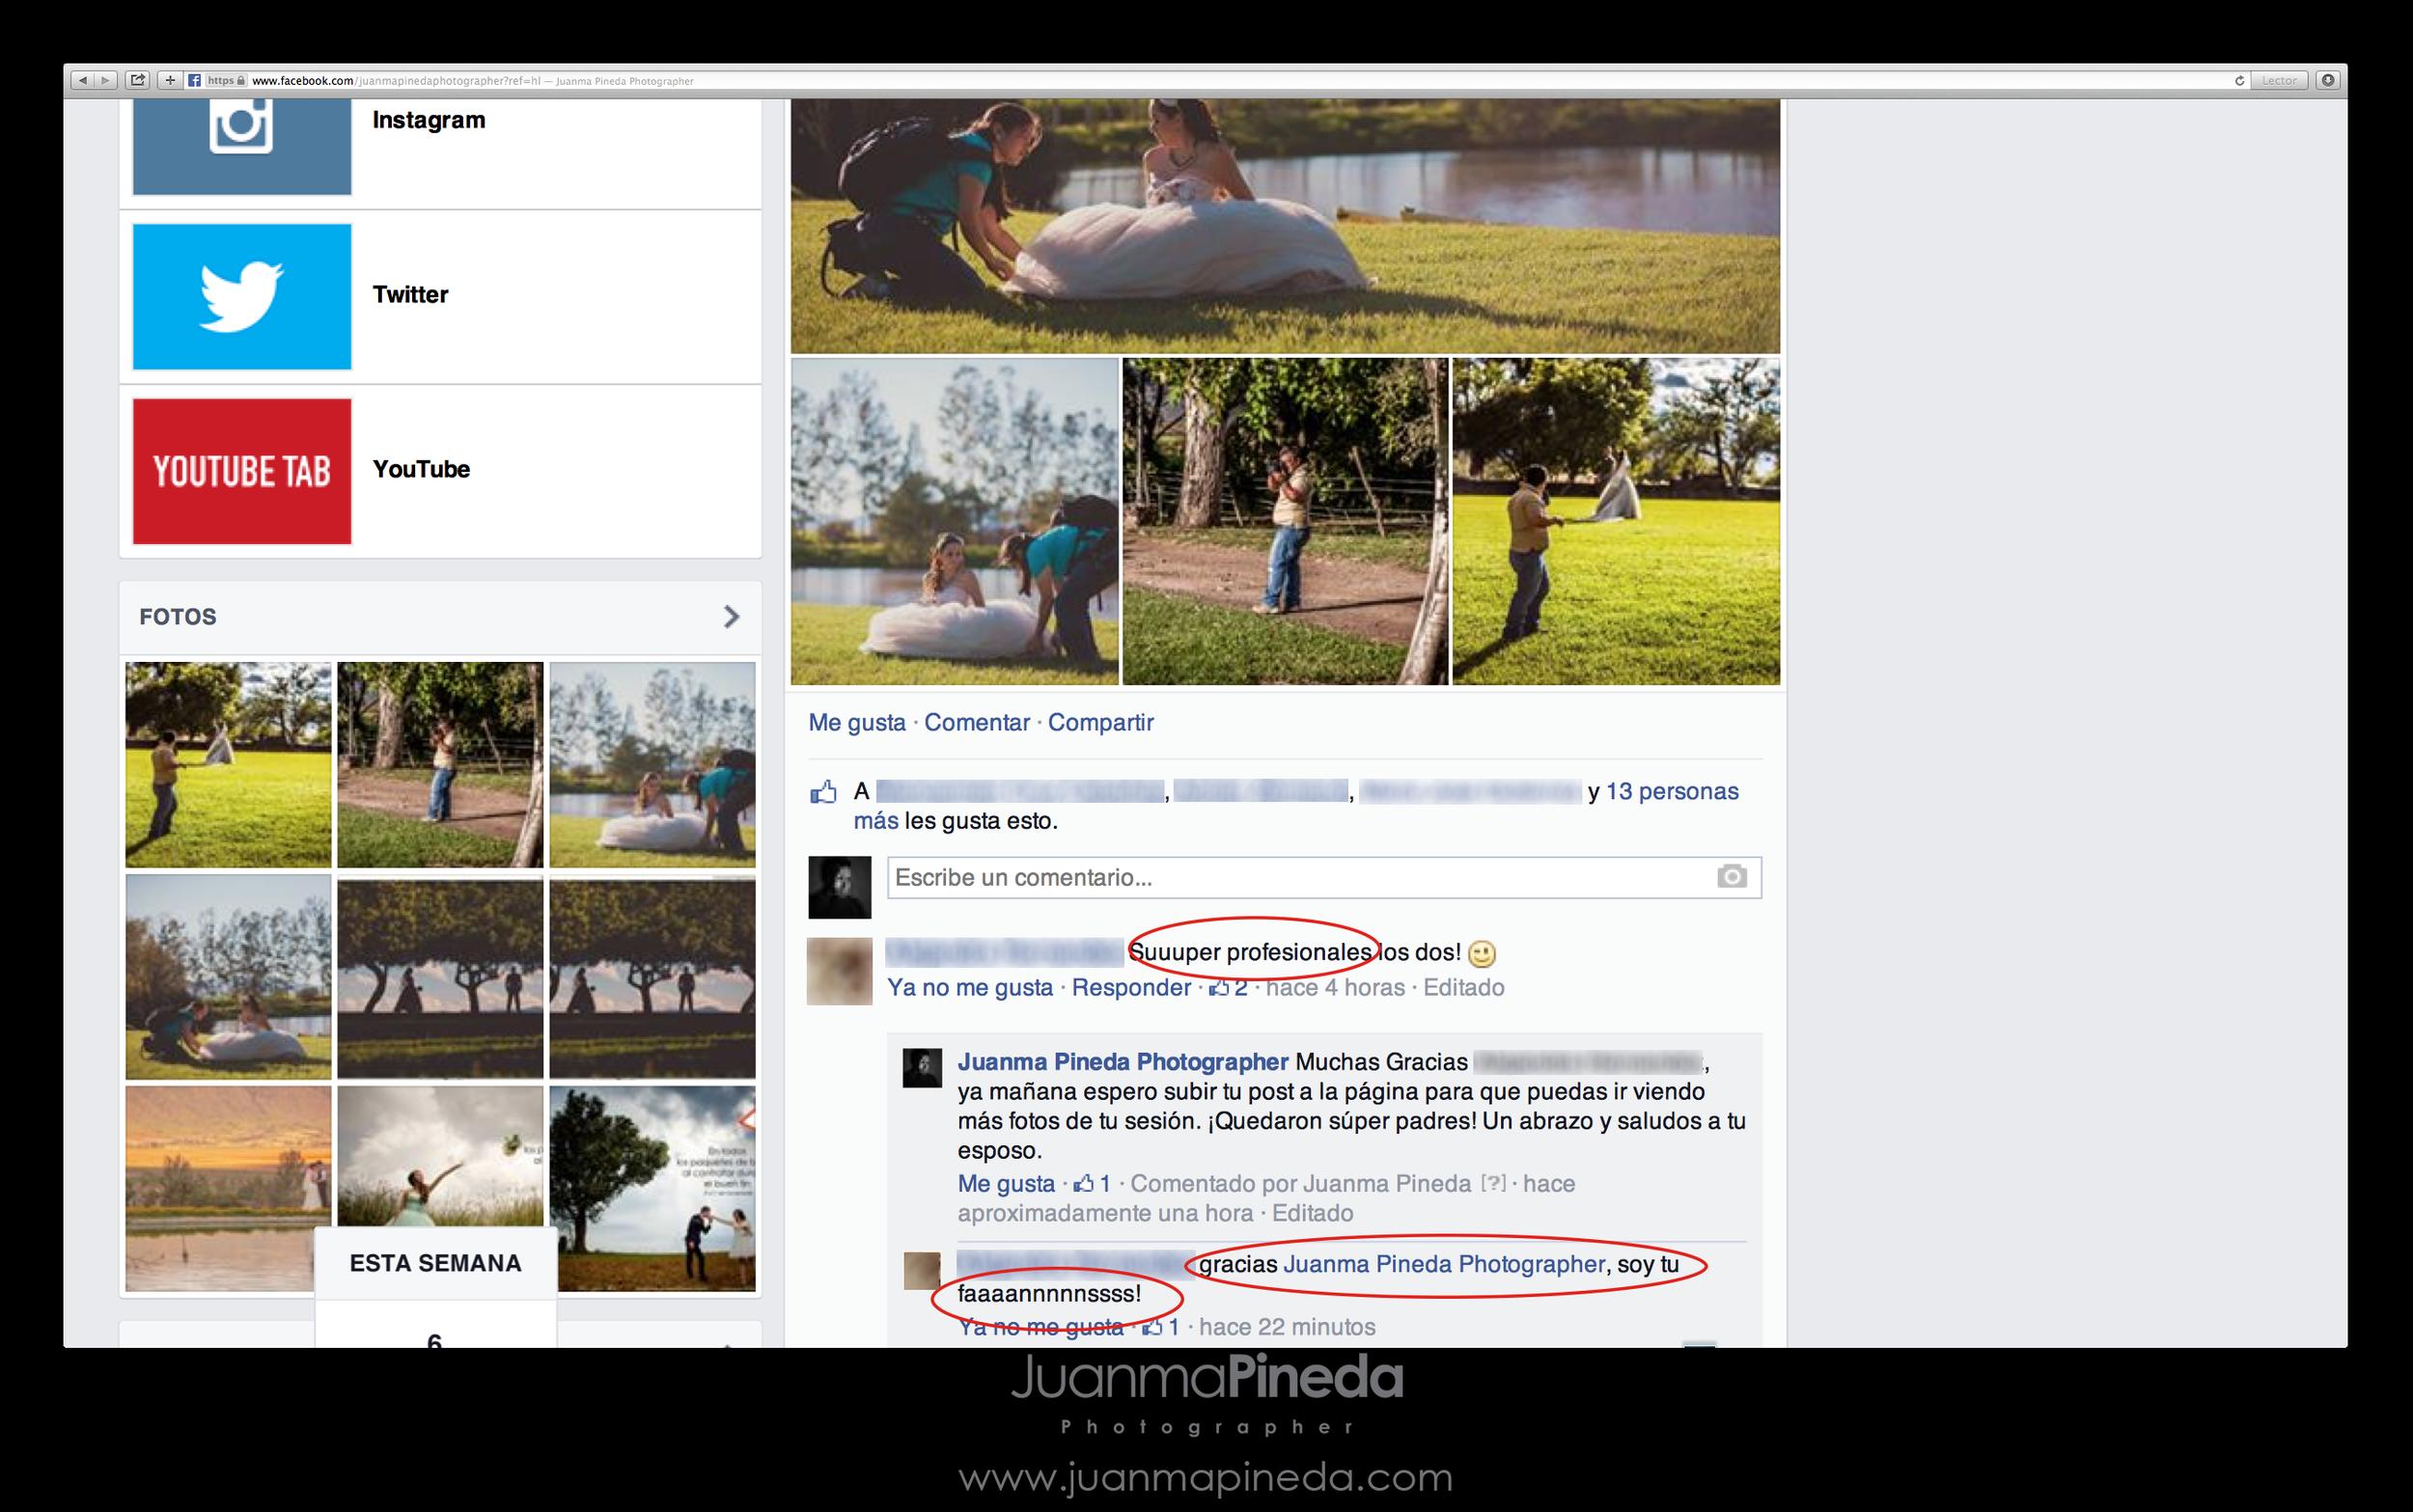 Captura de pantalla 2014-11-18 a la(s) 13.47.21.png